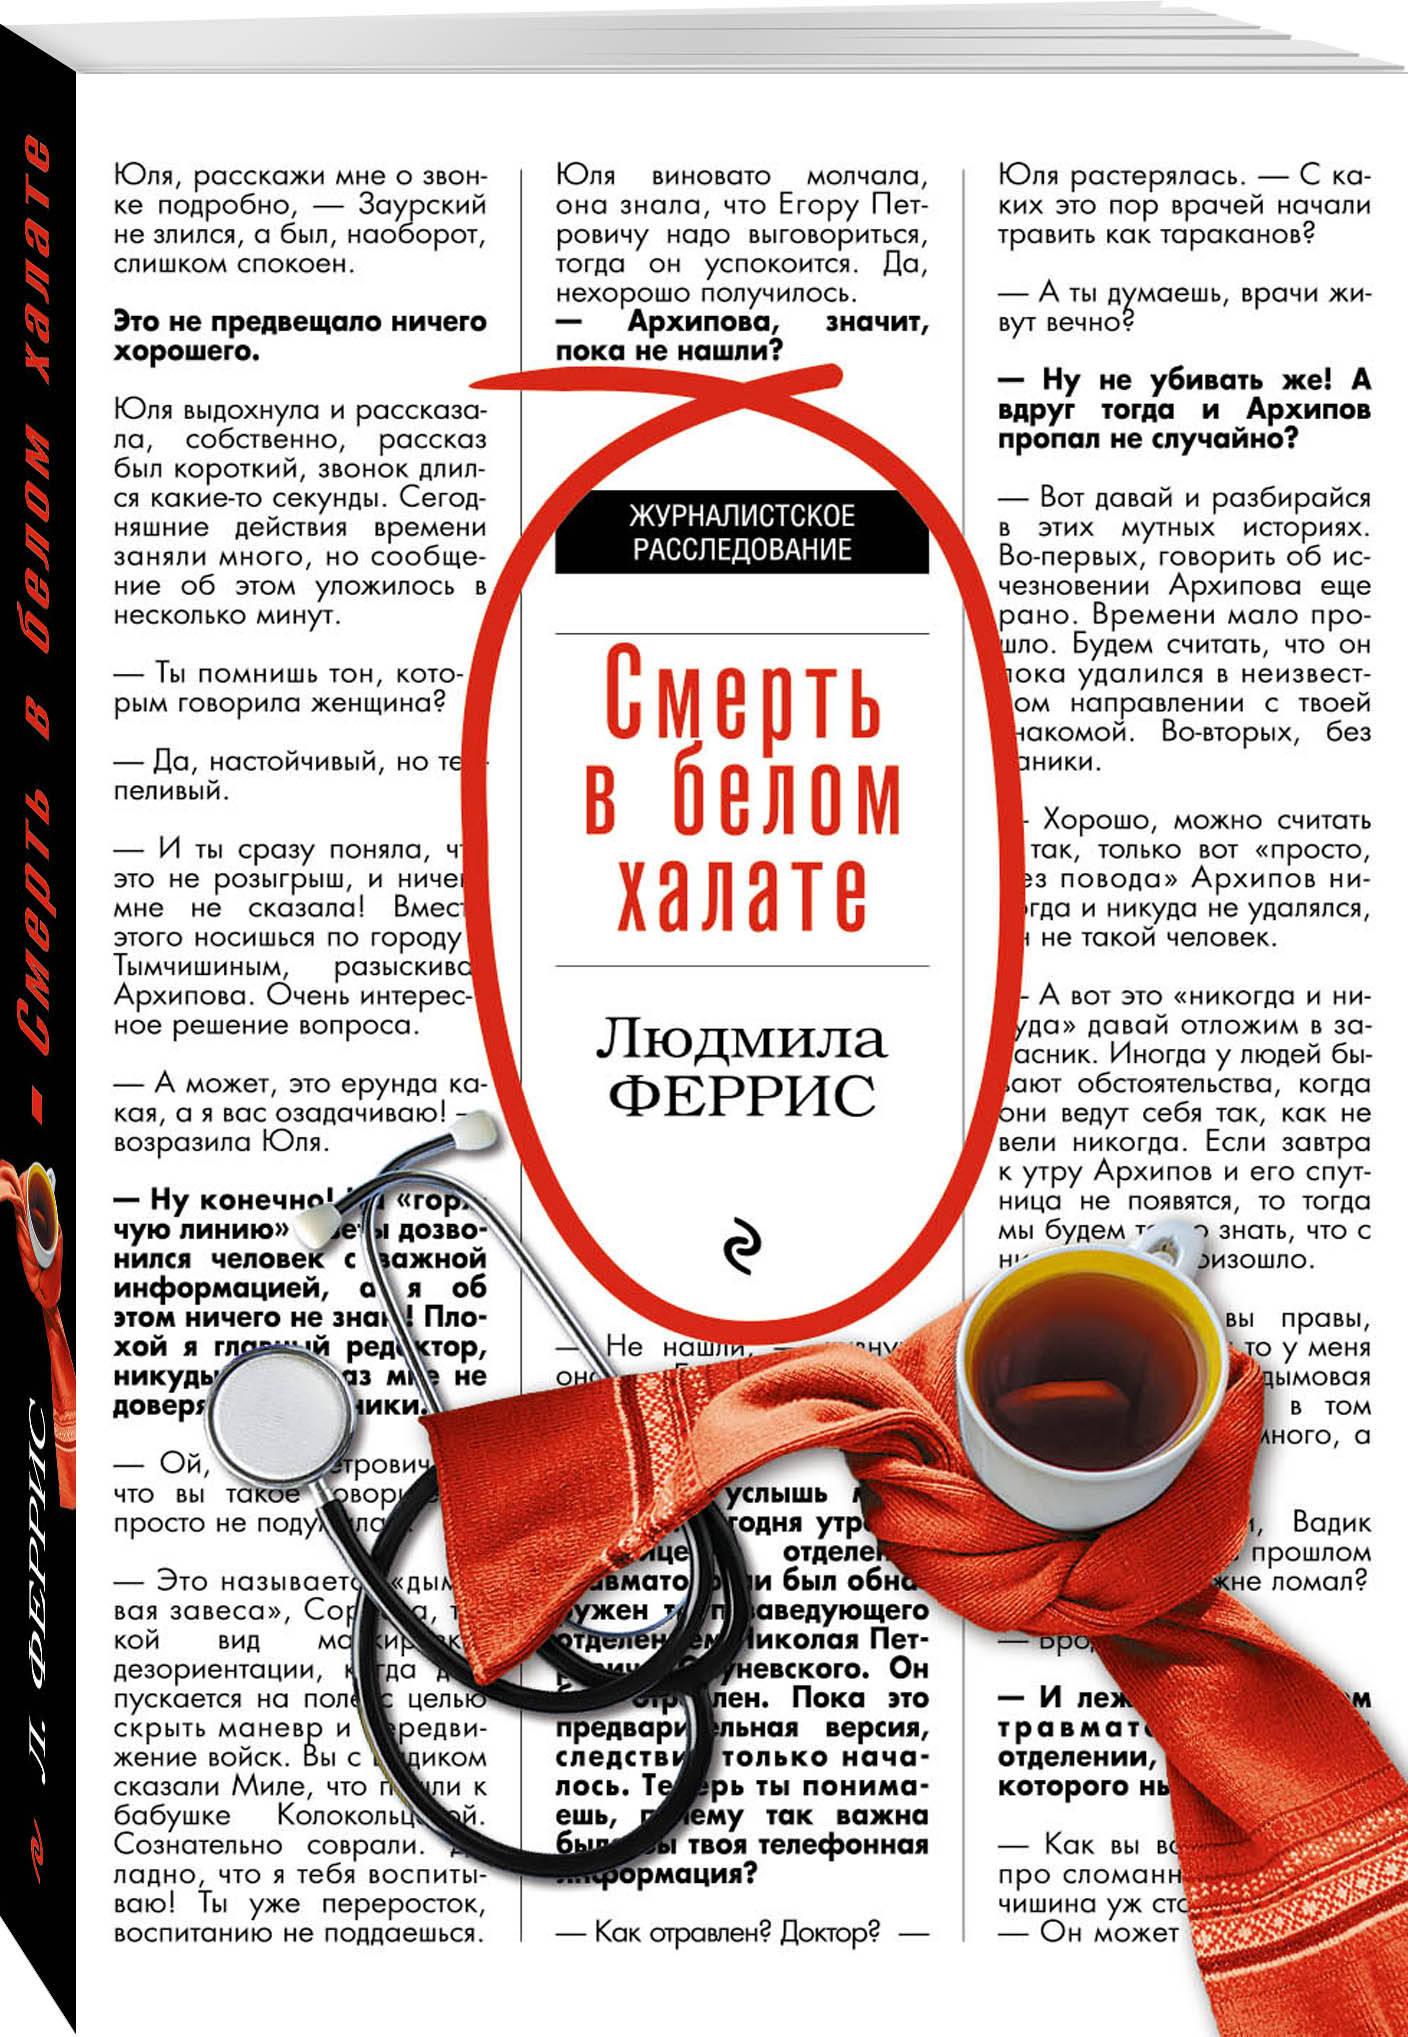 Людмила Феррис Смерть в белом халате